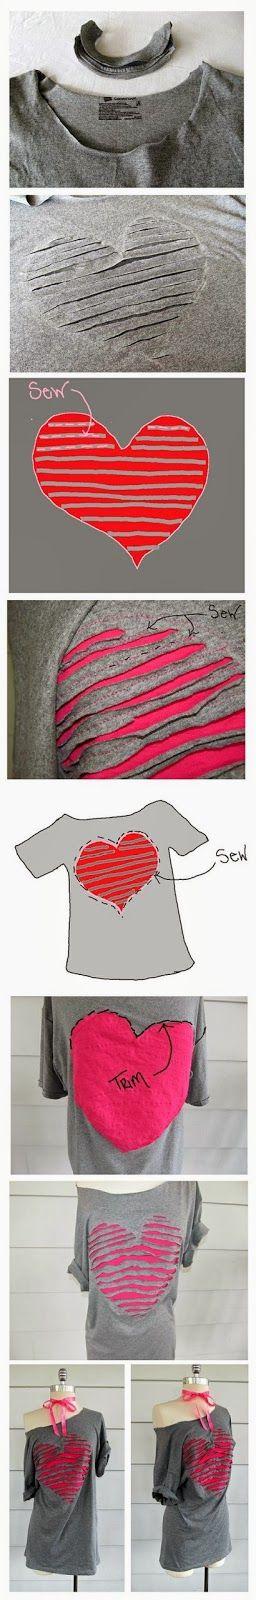 Corazón en una camiseta vieja